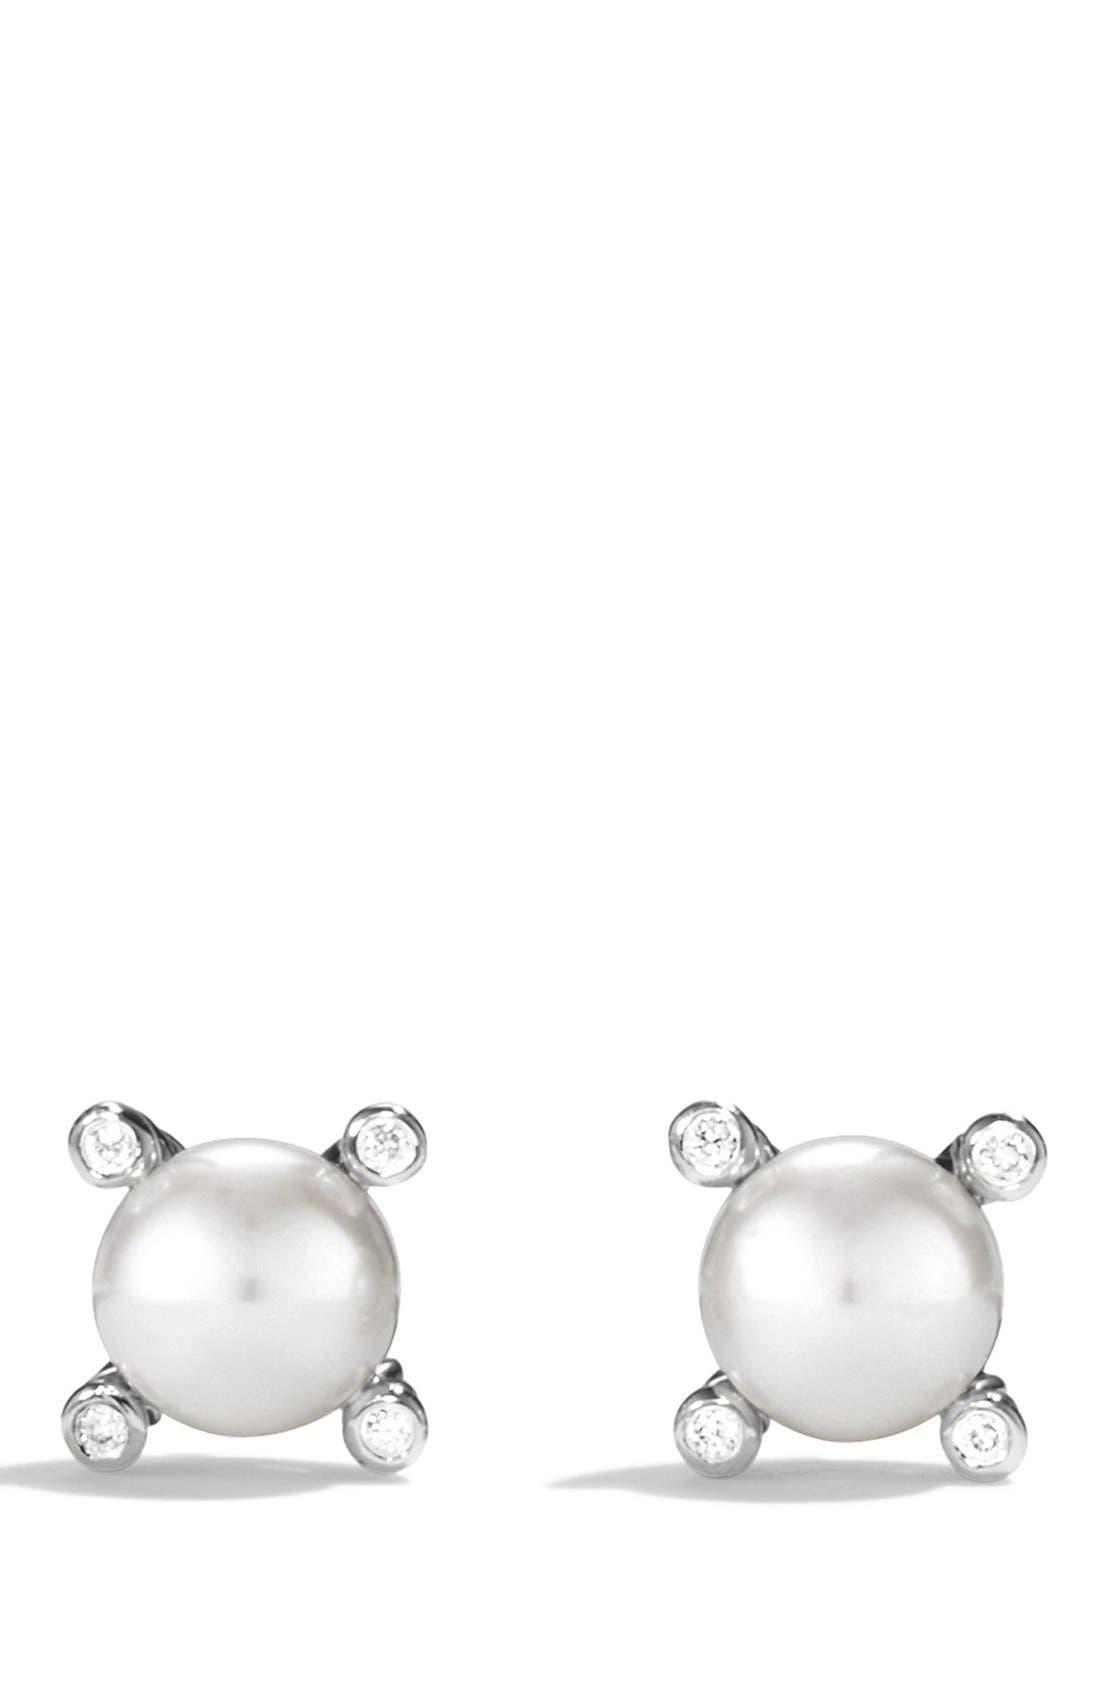 david yurman small pearl earrings with diamonds